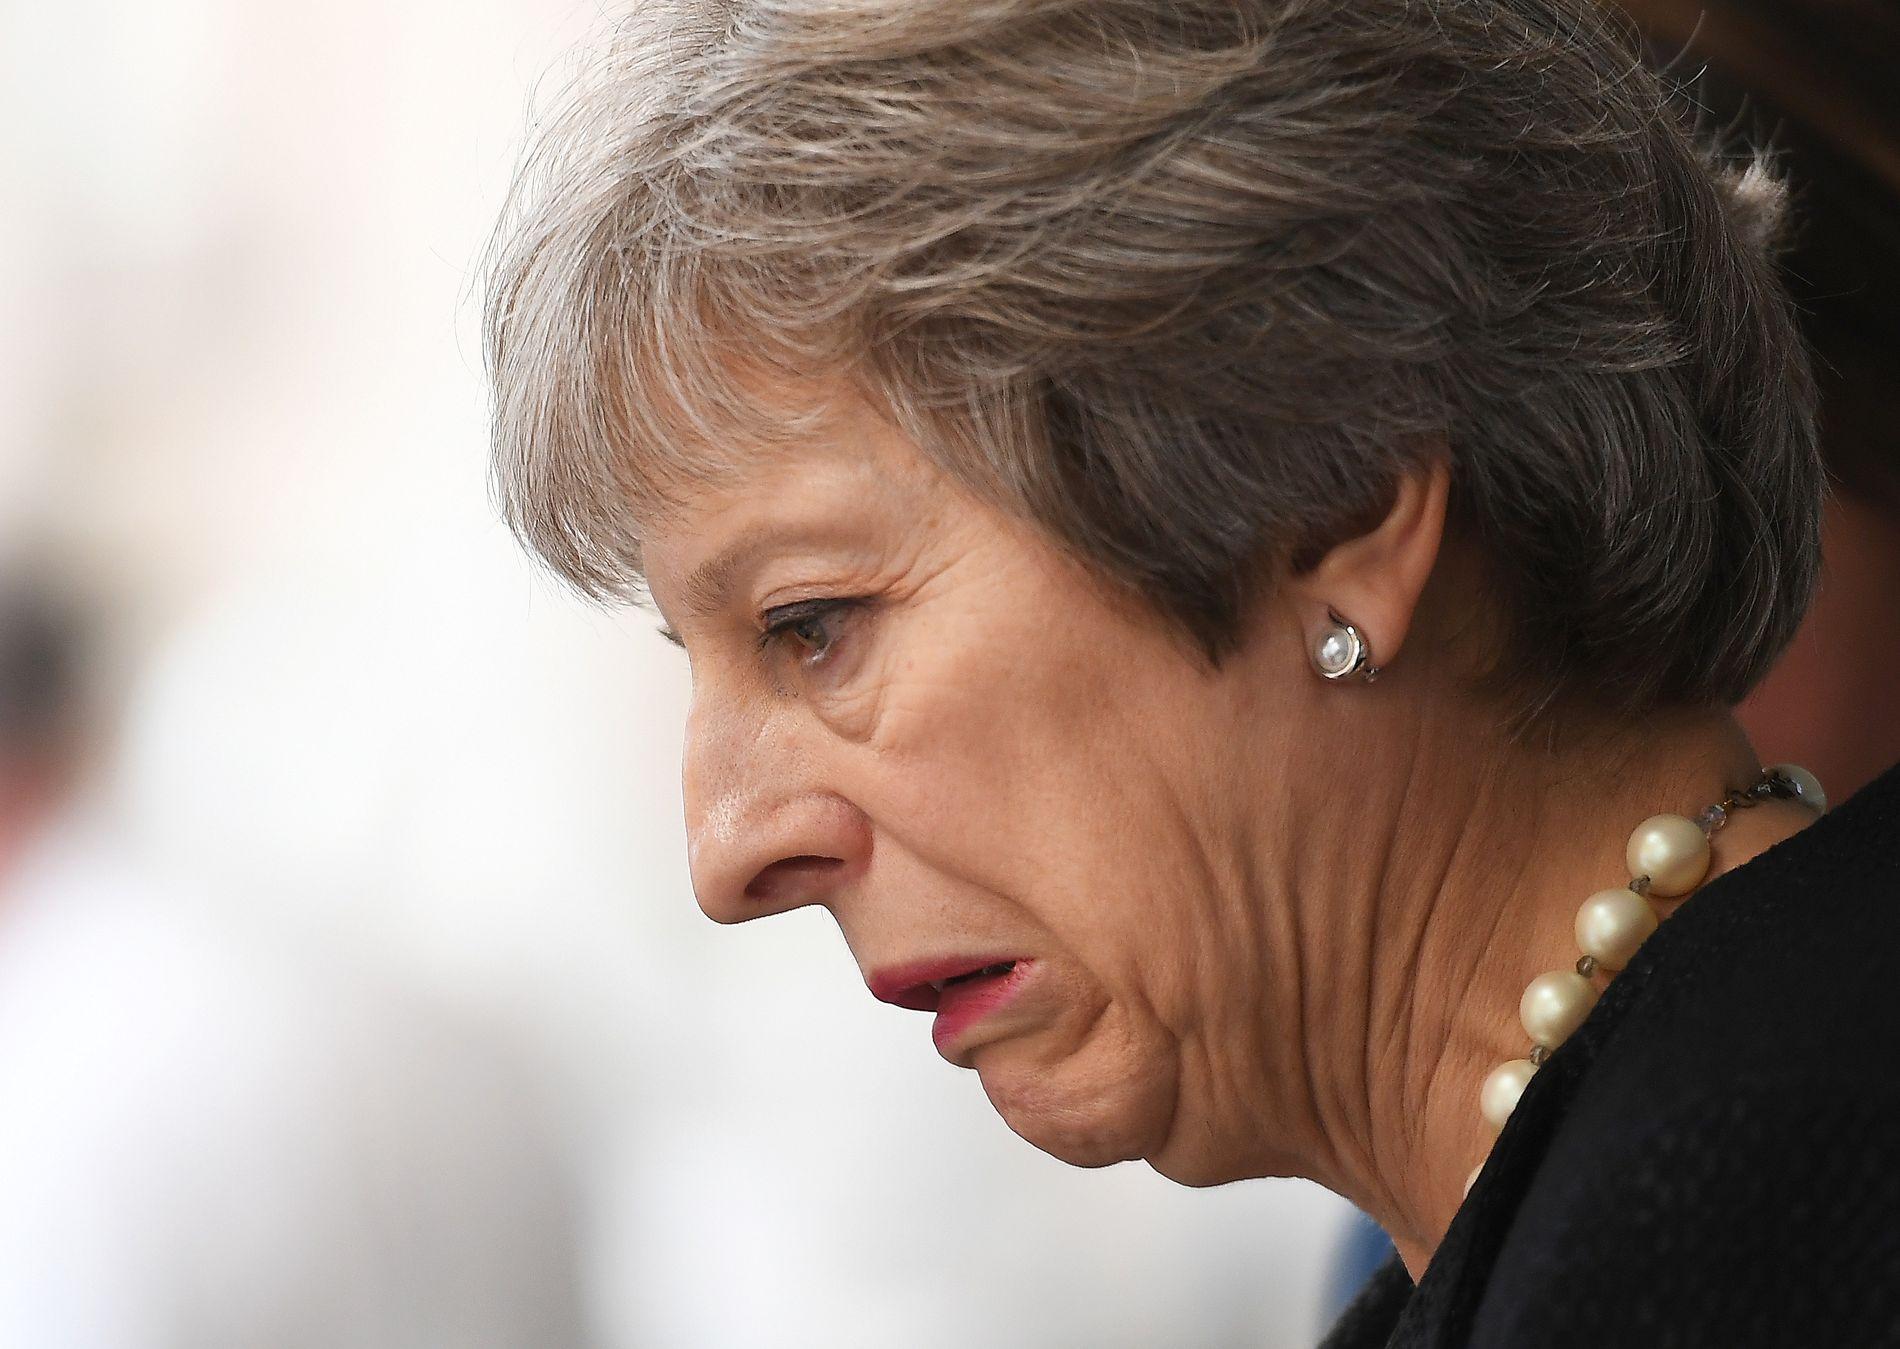 OI, DA! Storbritannias statsminister Theresa May er mer upopulær enn noensinne før, viser en ny måling.